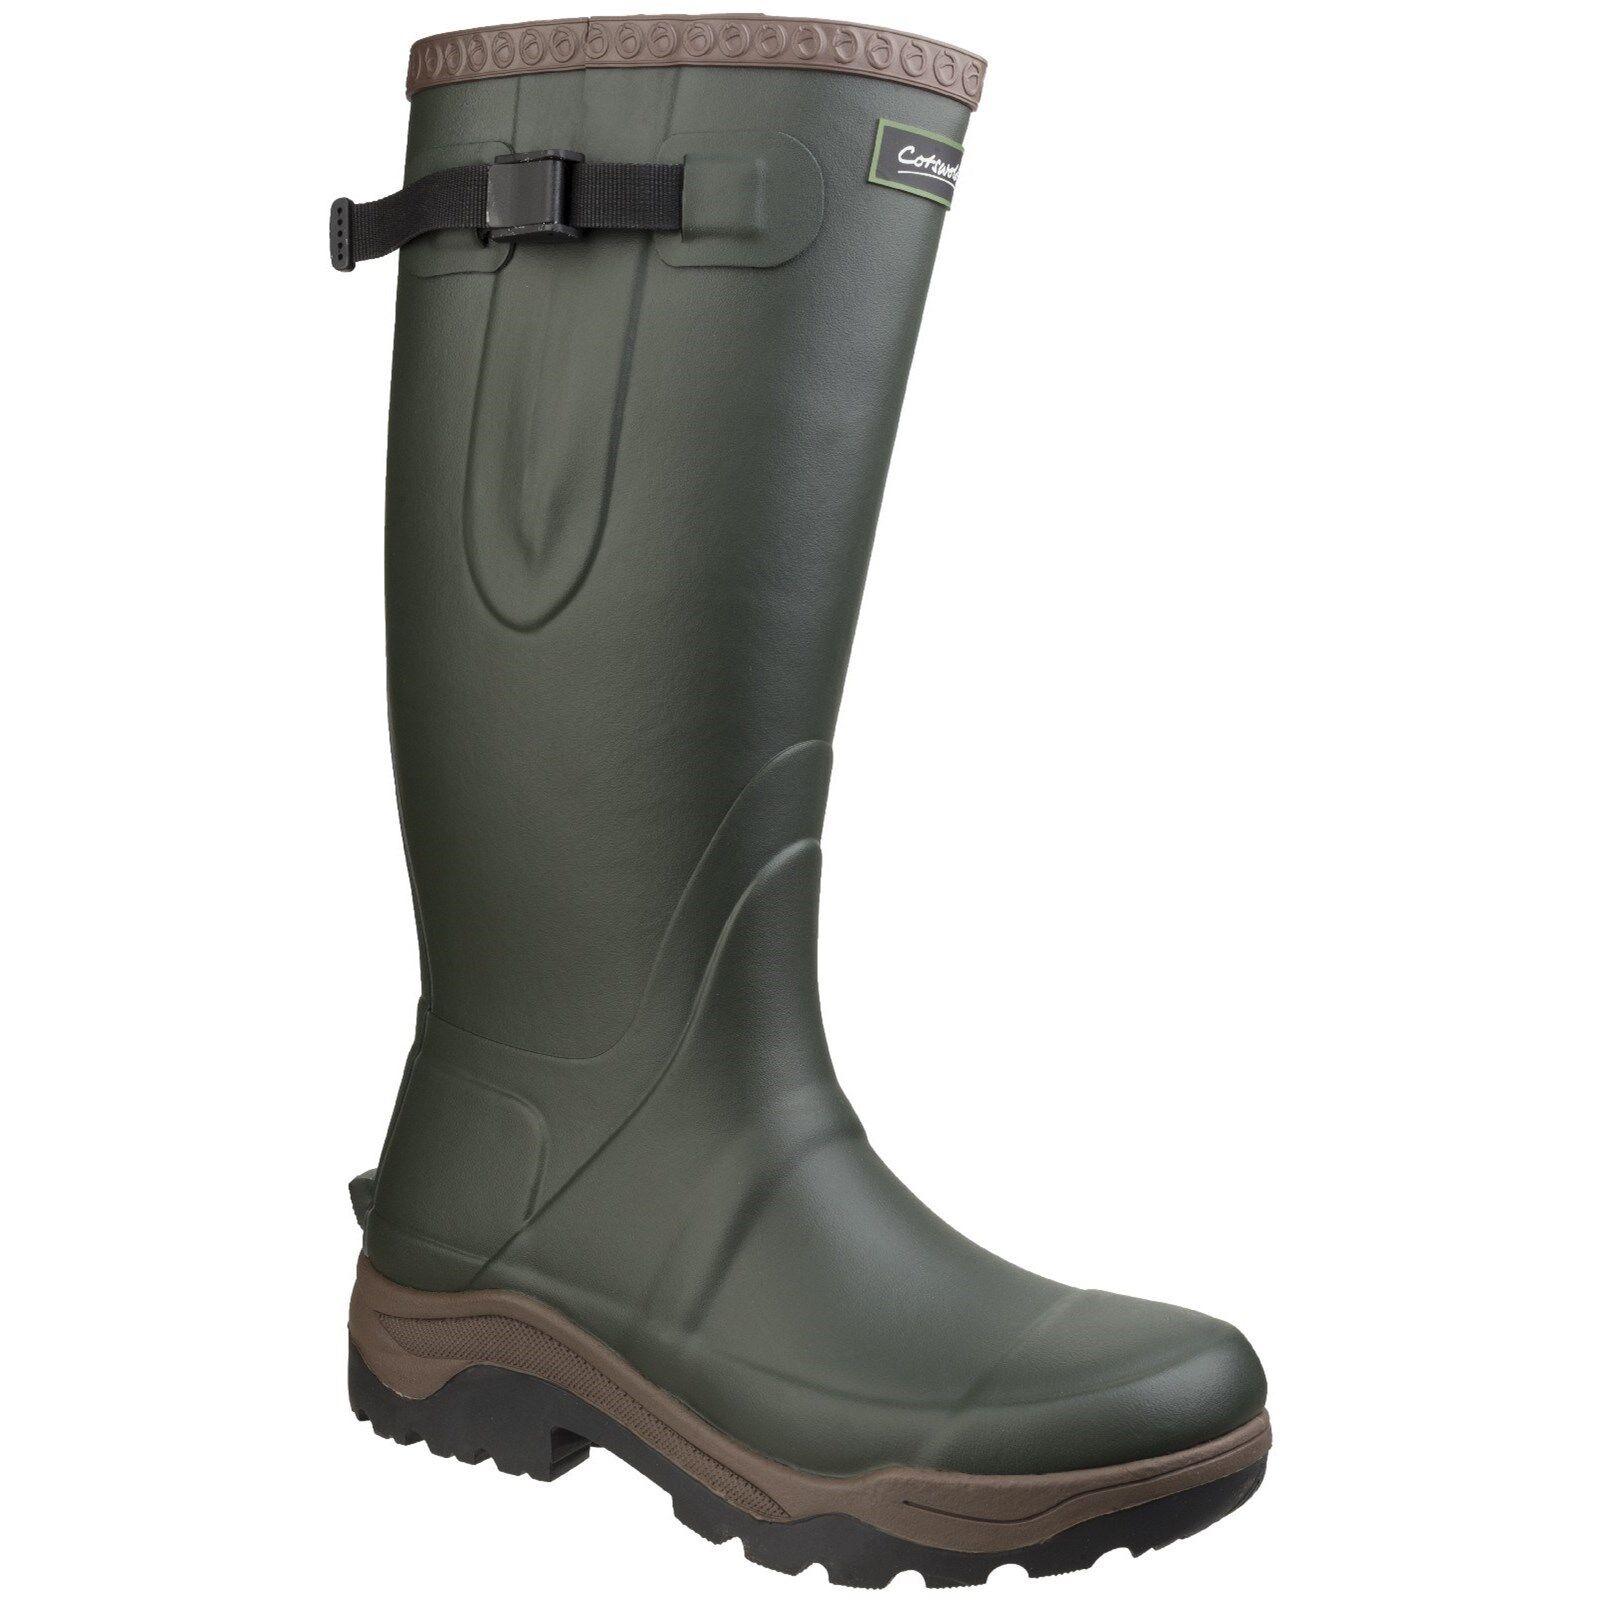 Cotswold BUSSOLA Plain Premium Gomma Antiscivolo Stivali di gomma unisex